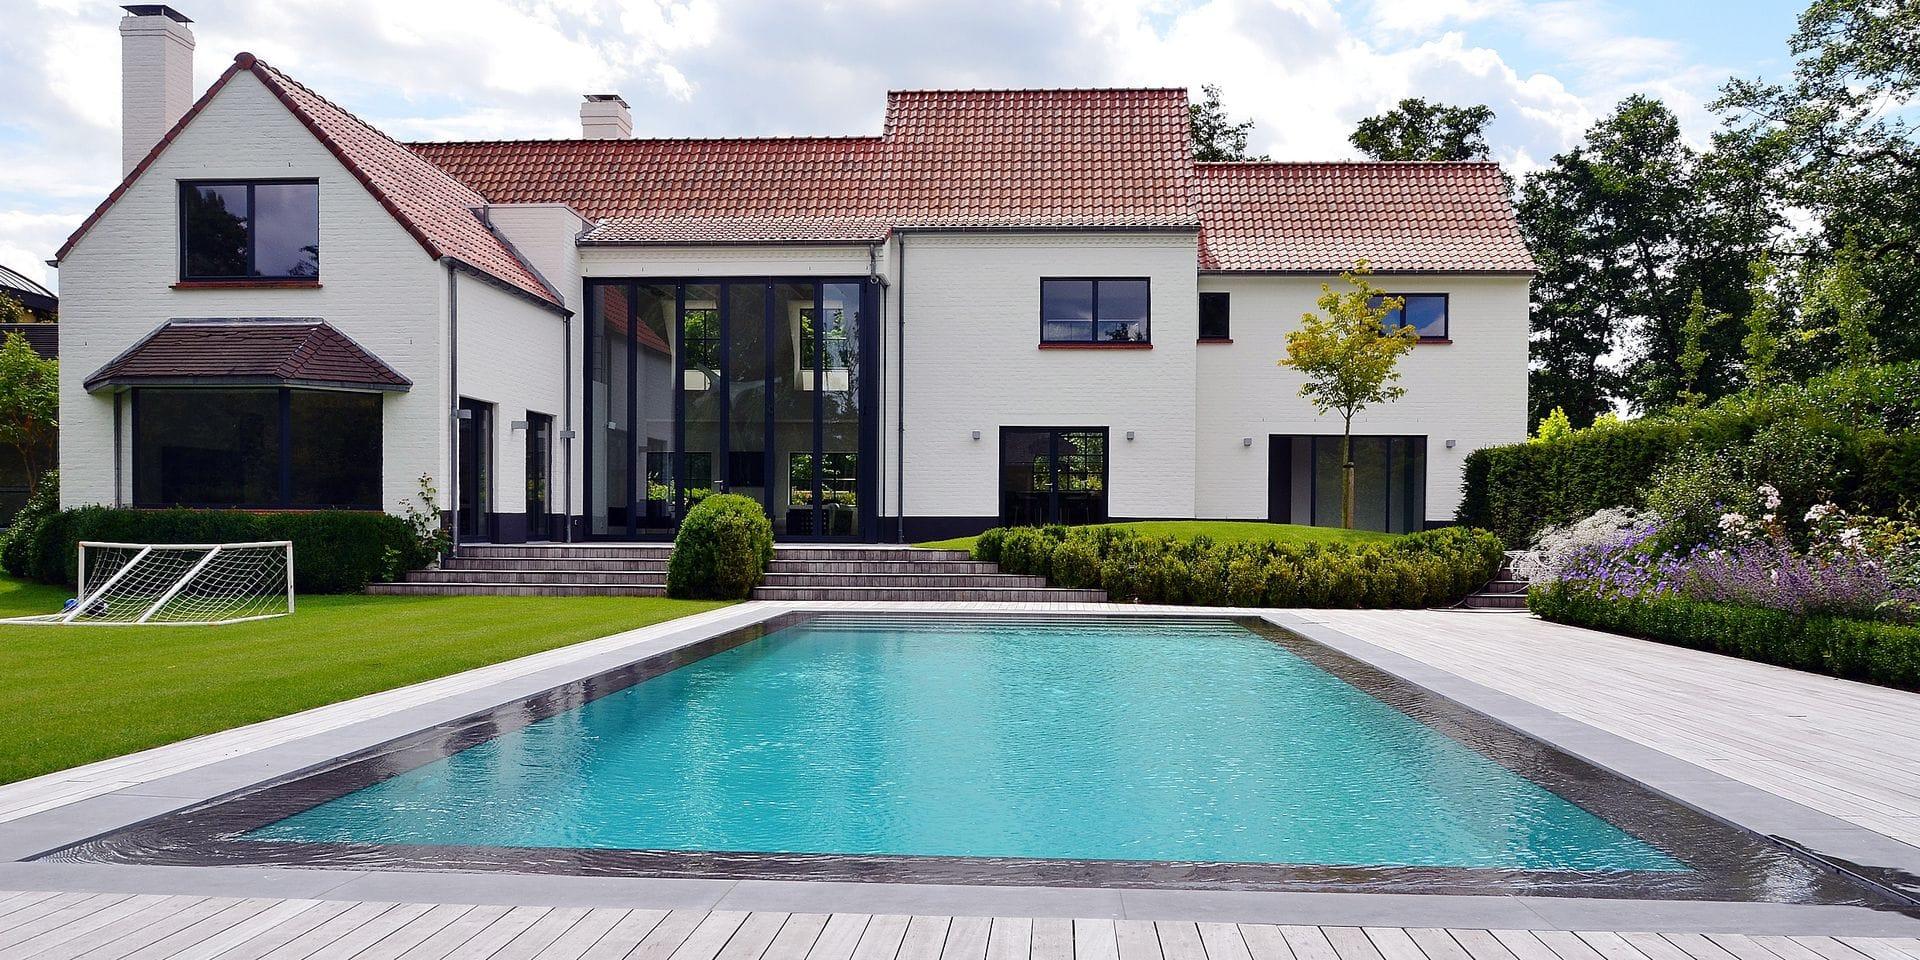 """Les piscines, un phénomène de mode en Belgique : """"Le secteur a un chiffre d'affaires qui dépasse les 100 millions d'euros"""""""